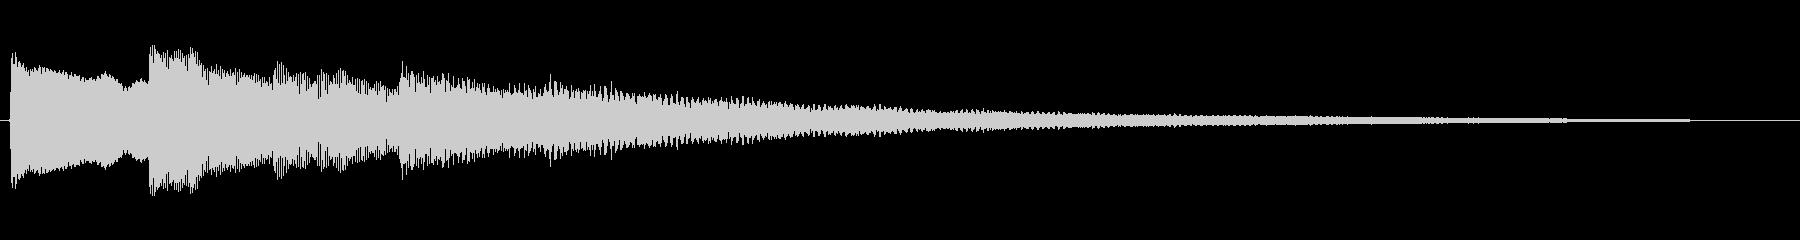 不穏なエレピのジングルの未再生の波形